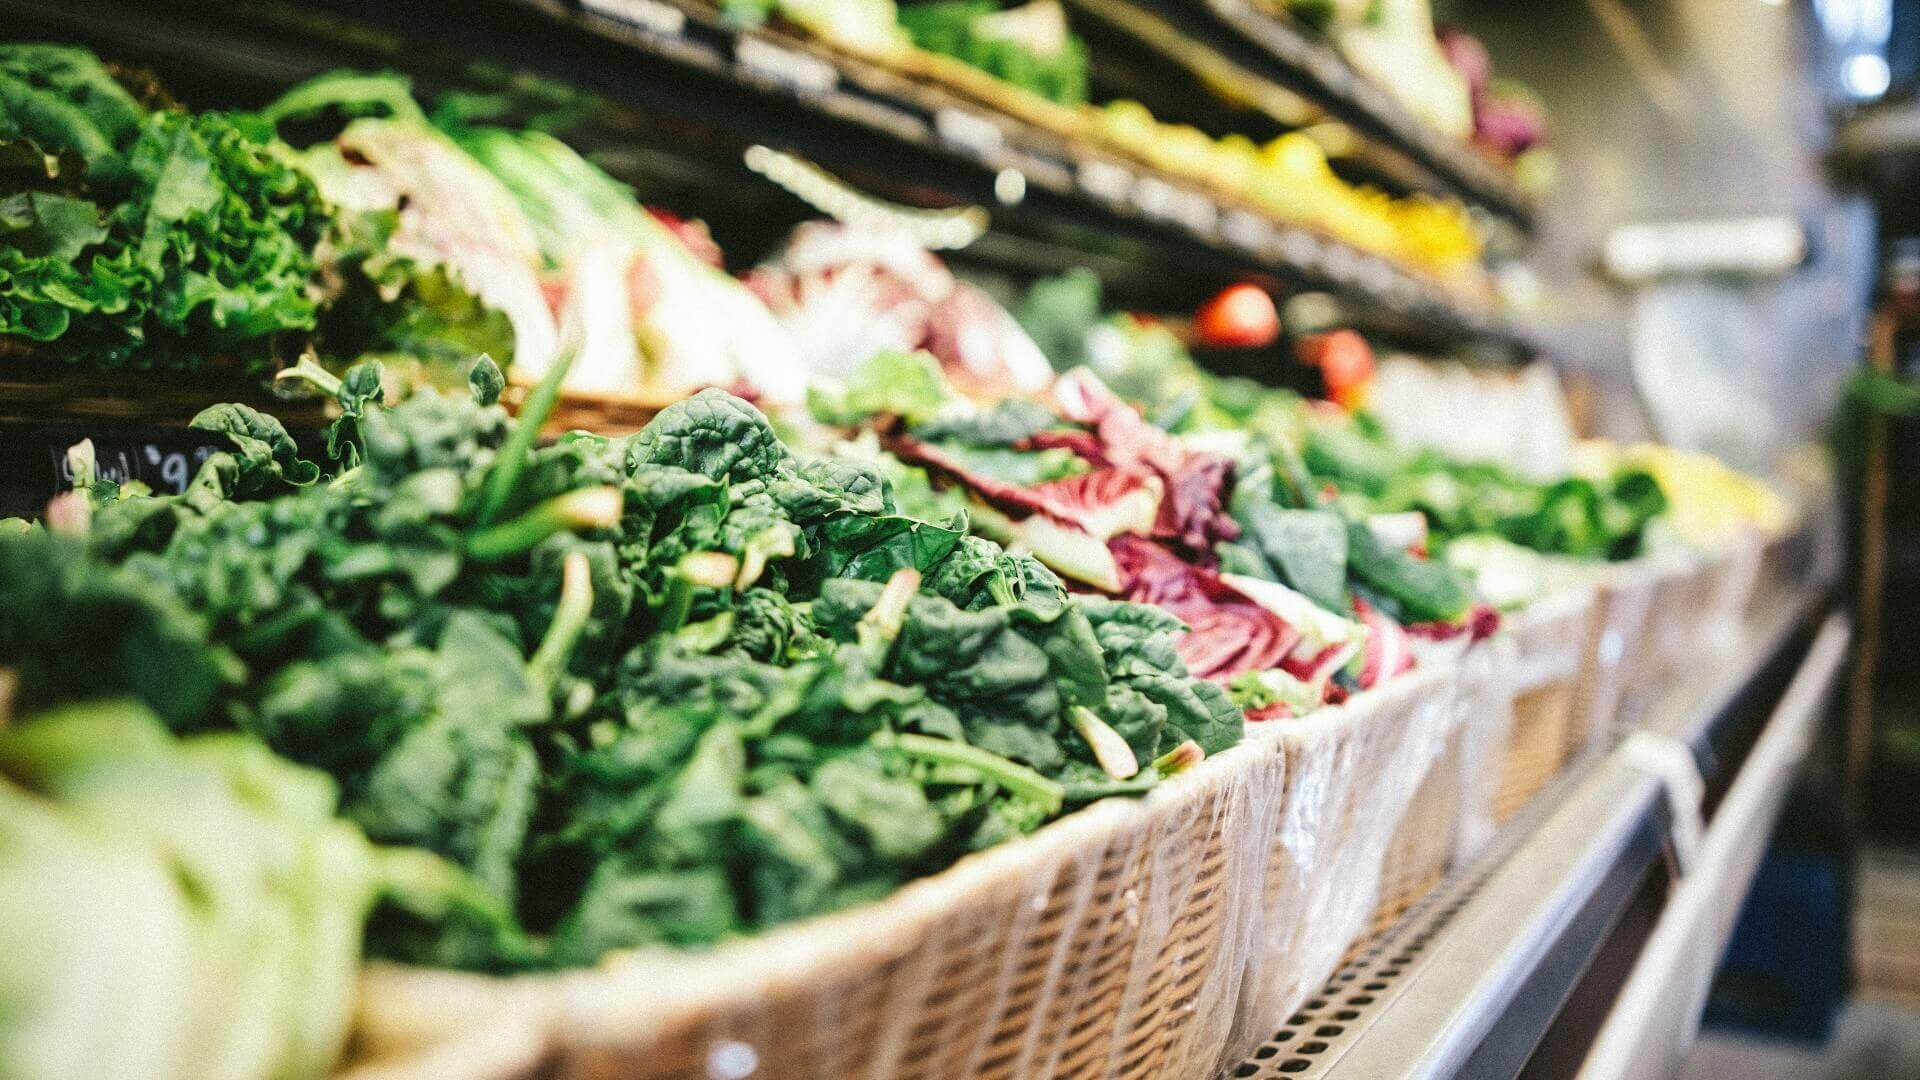 Nasce Solidar Market, il negozio con generi alimentari a costo zero